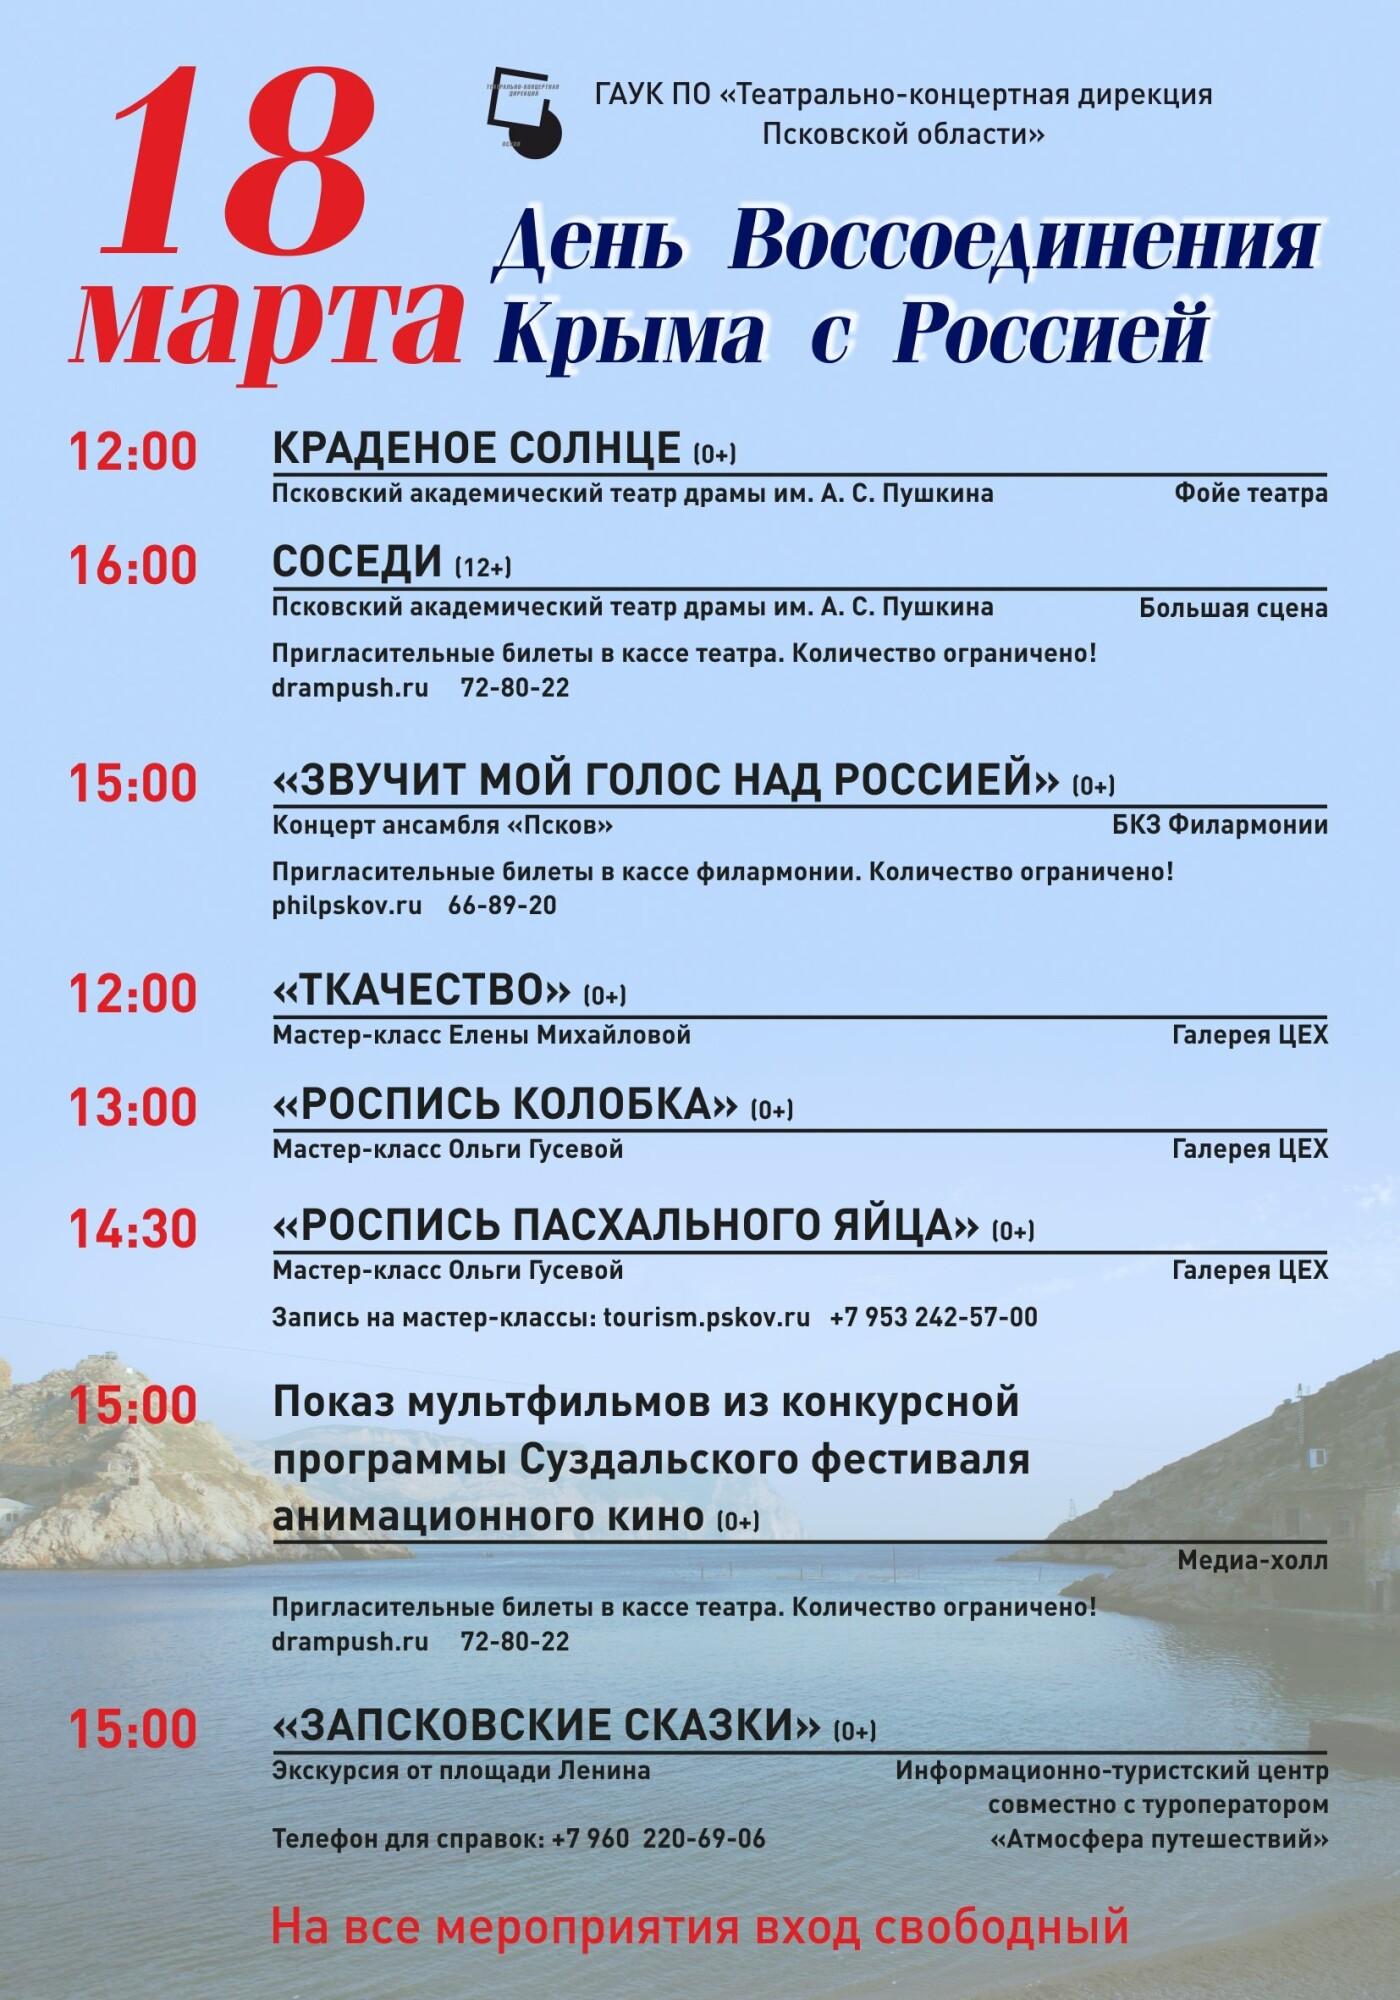 ТКД готовит подарок псковичам в День воссоединения Крыма с Россией, фото-1